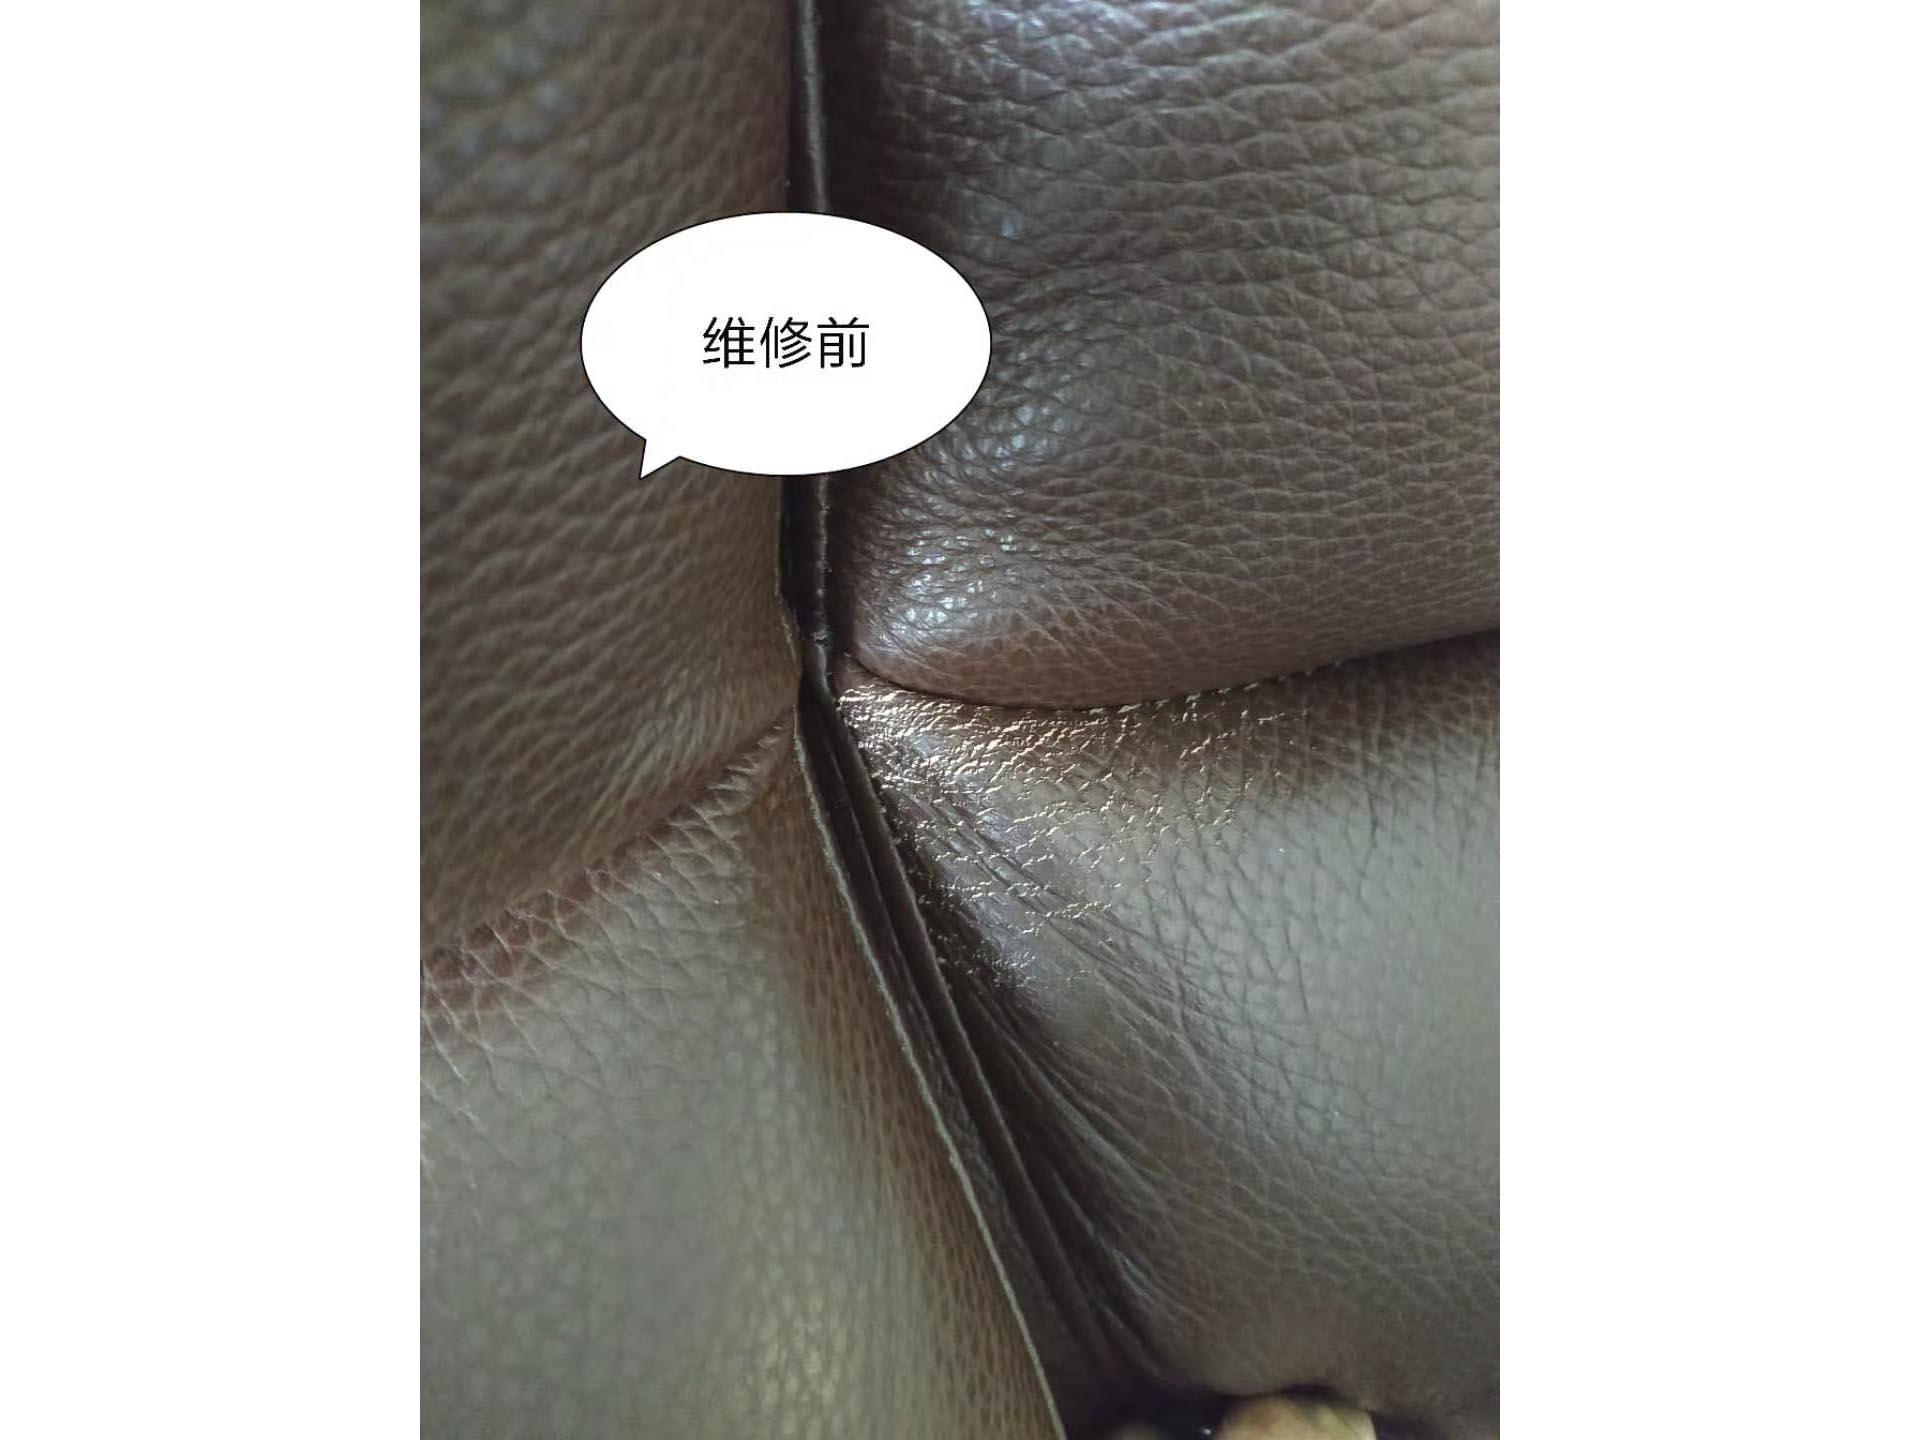 皮革修复培训班-淄博哪里有提供可靠的皮革修复